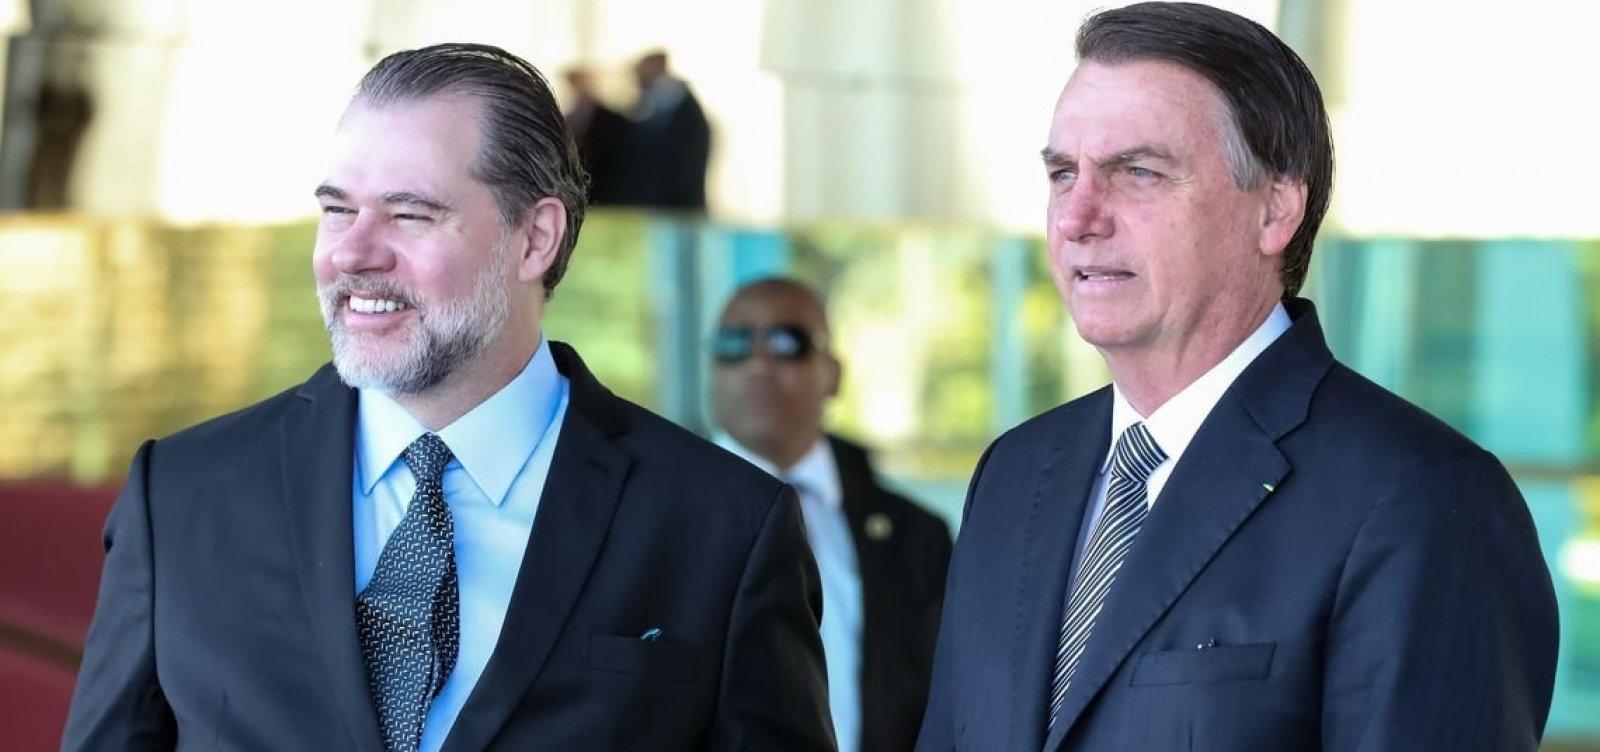 ['É muito bom termos a Justiça ao nosso lado', diz Bolsonaro em elogio a Toffoli]